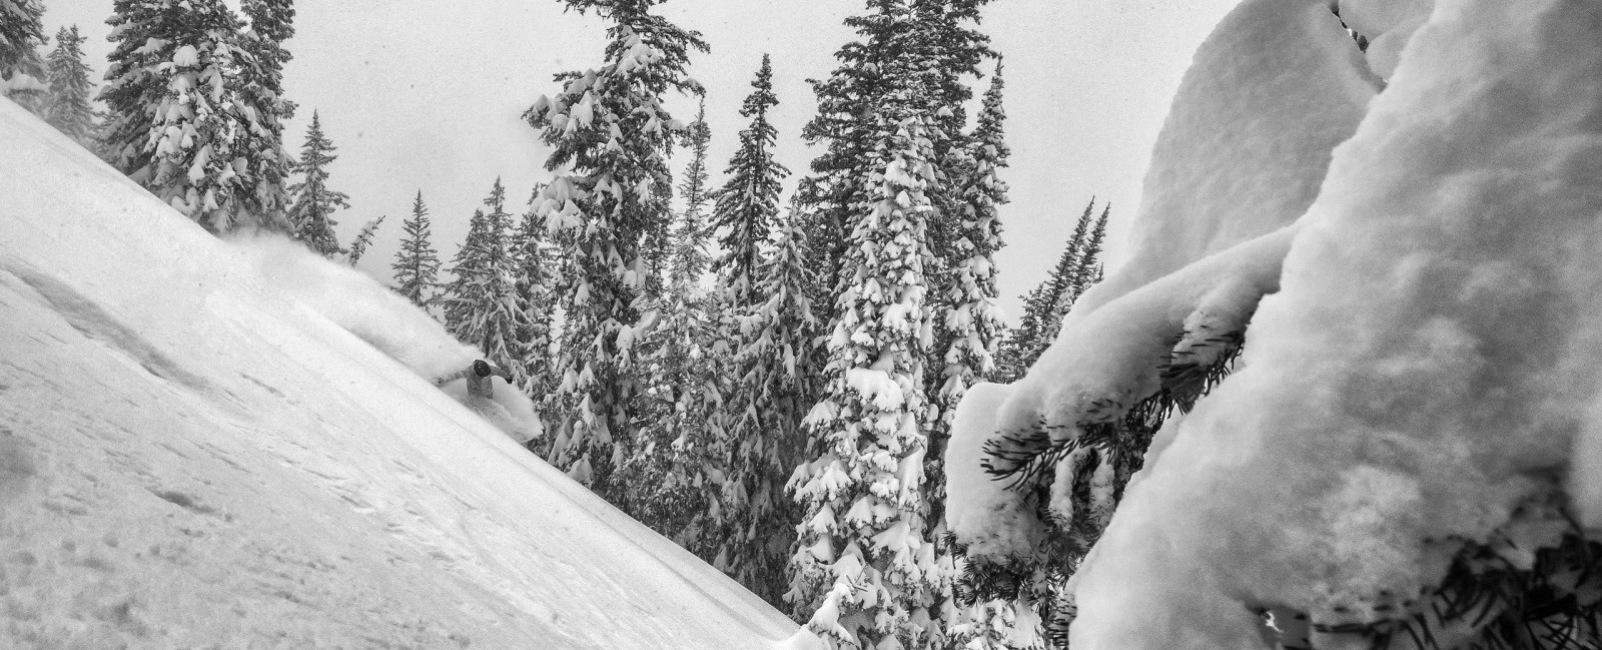 Utah's Top 11 Powder Stashes